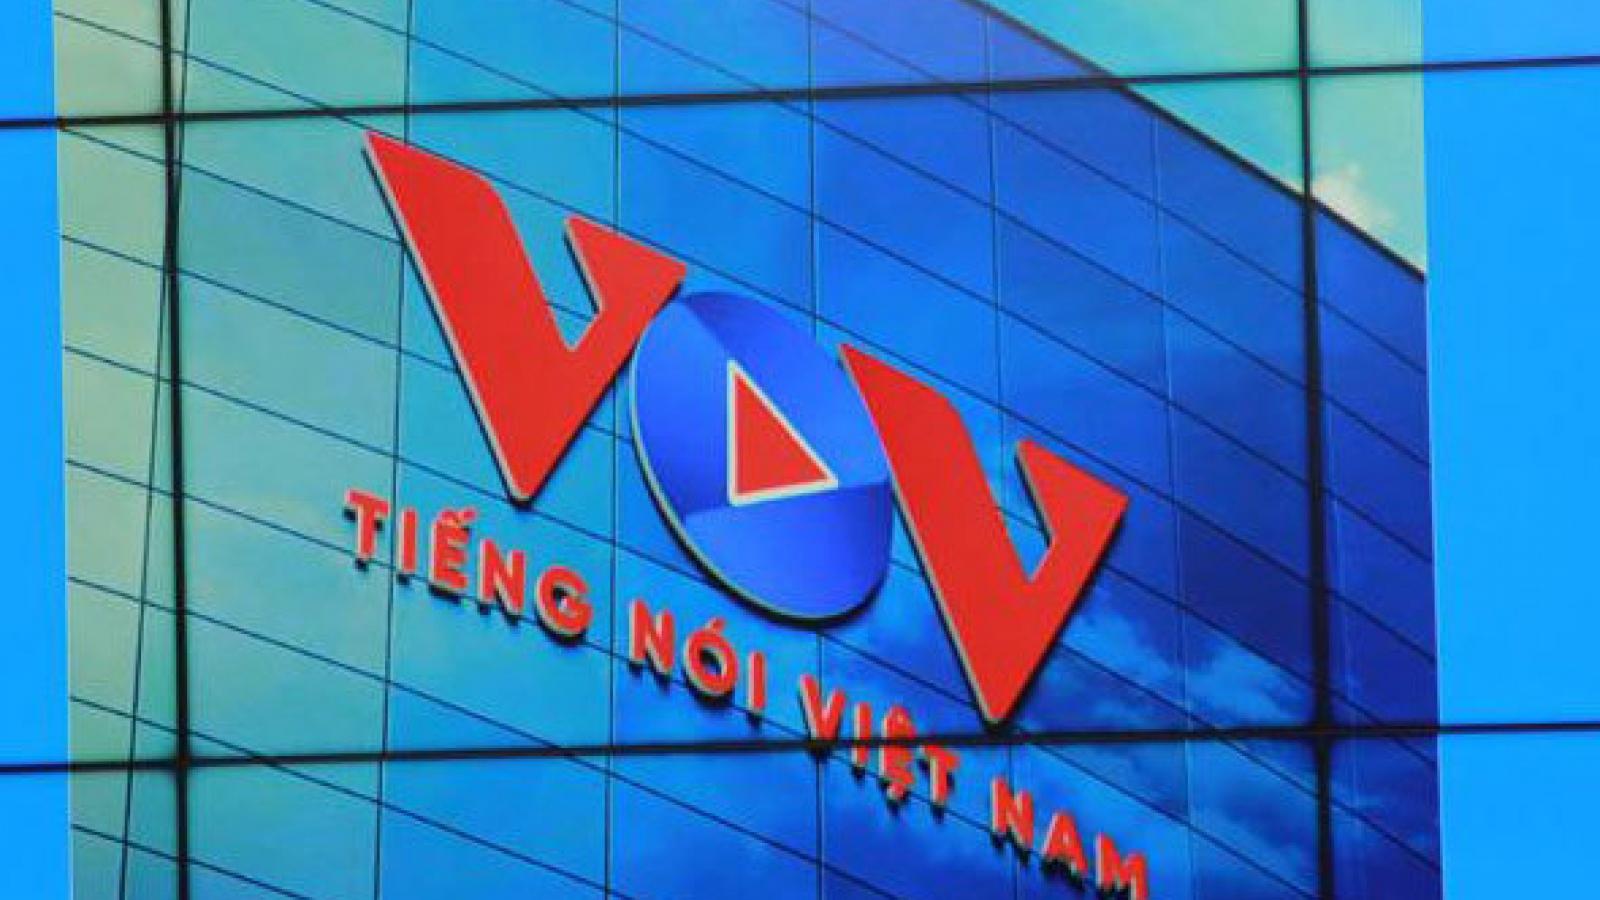 VOV tuyển dụng viên chức cho Trung tâm Quảng cáo và Dịch vụ truyền thông